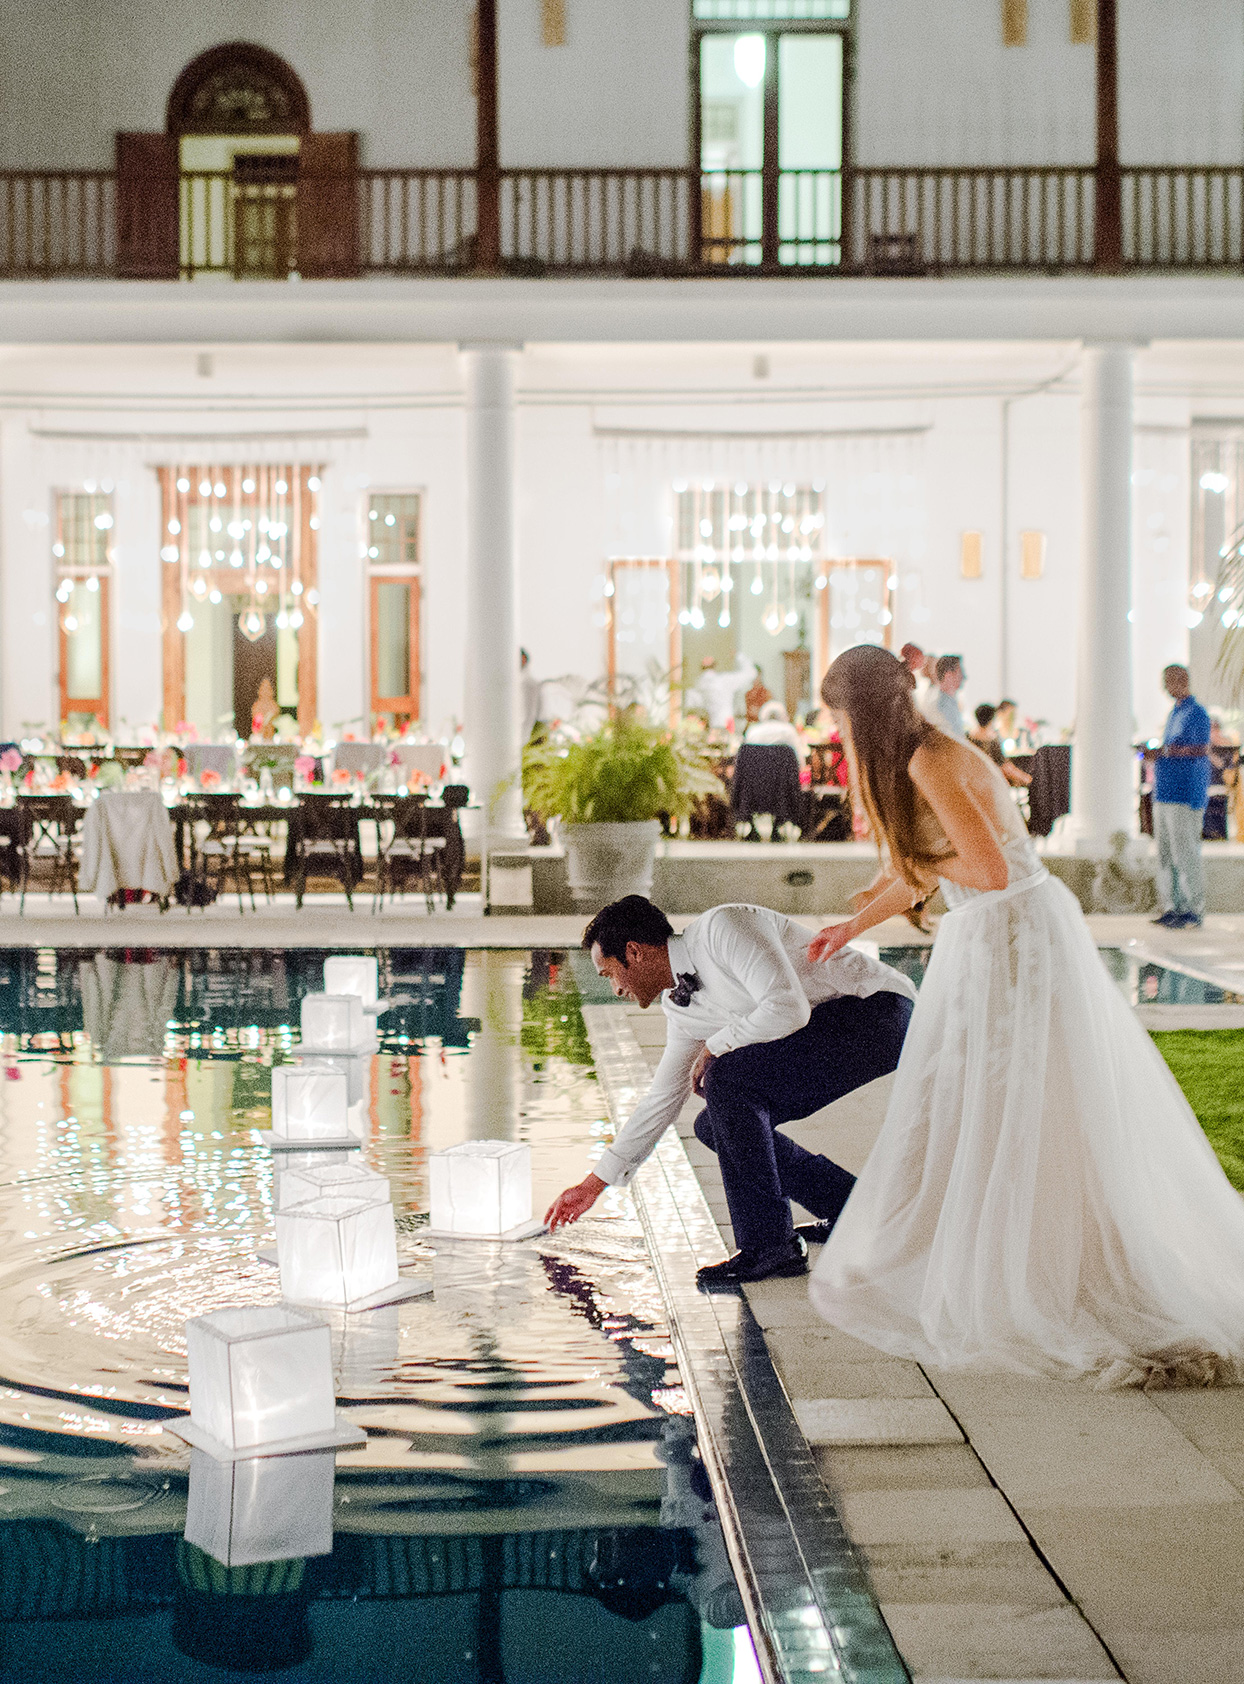 kelly sanjiv wedding couple putting lanterns in pool